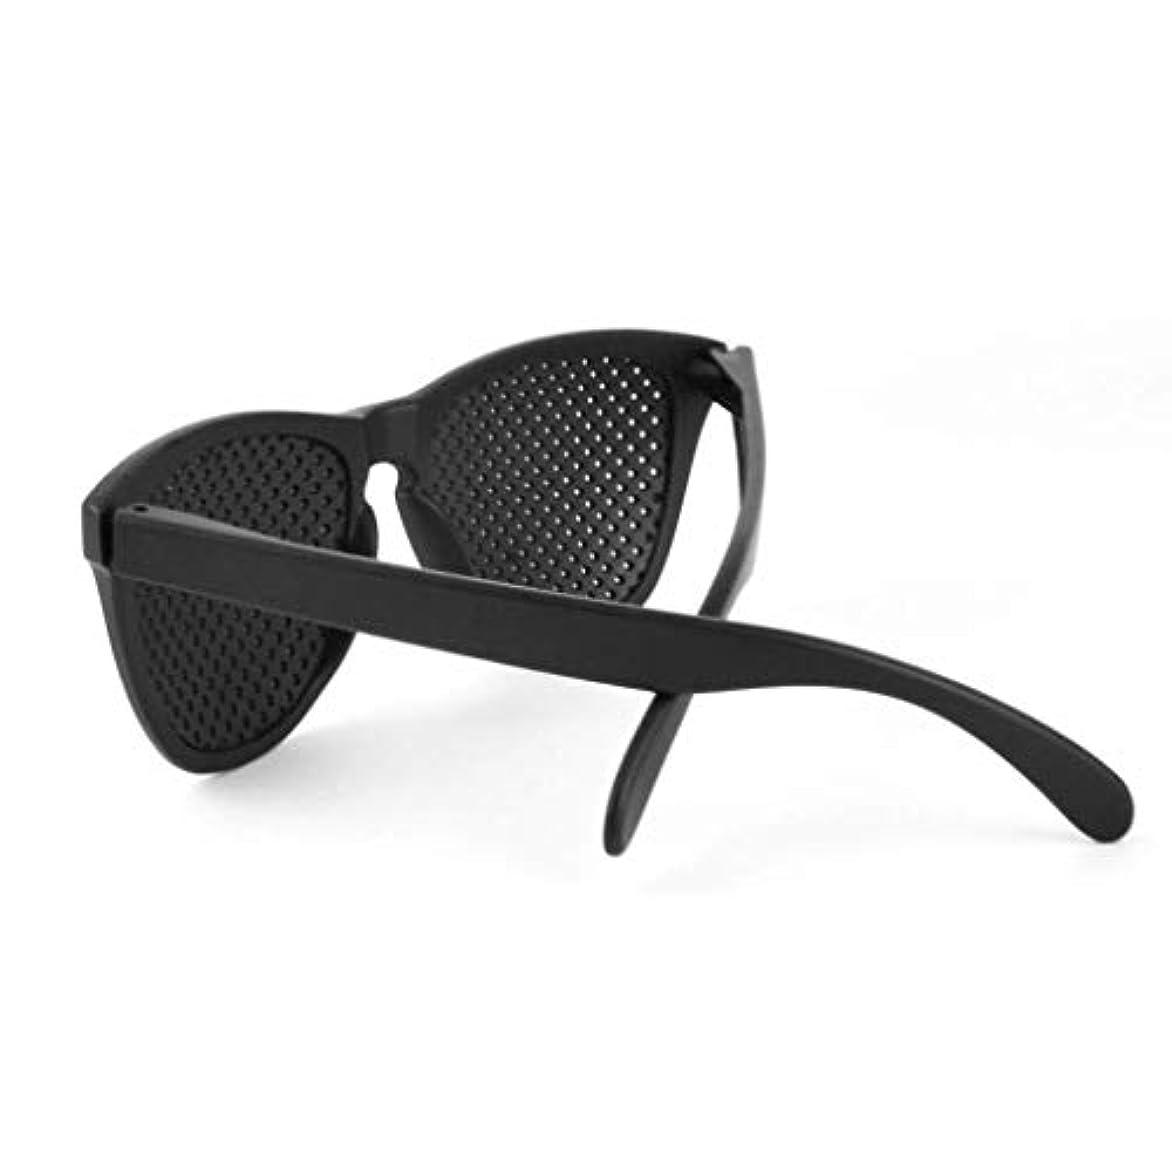 トムオードリースくつろぎ中毒ピンホールメガネ、視力矯正メガネ網状視力保護メガネ耐疲労性メガネ近視の防止メガネの改善